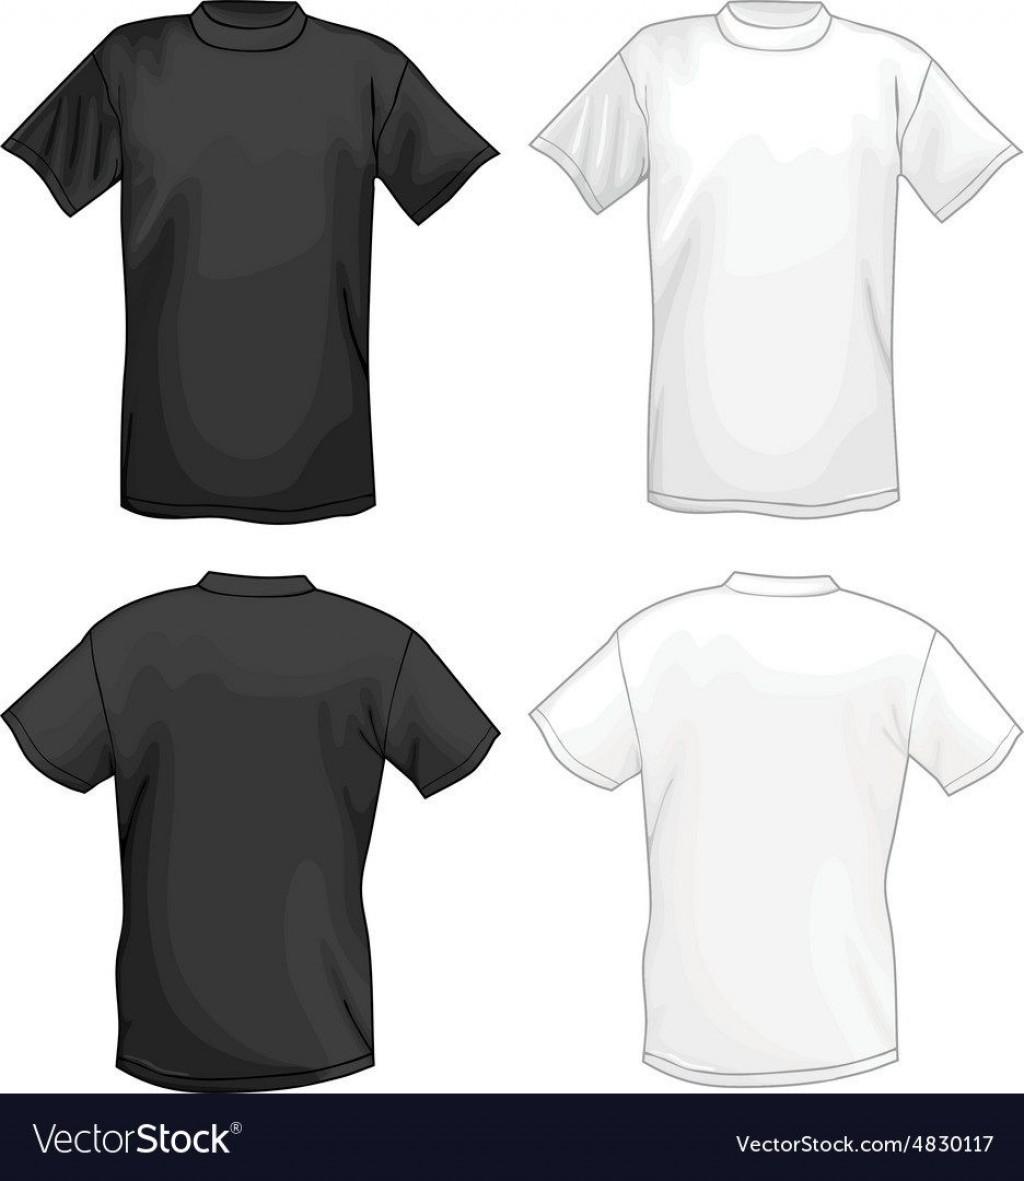 009 Top Tee Shirt Design Template Ai Large